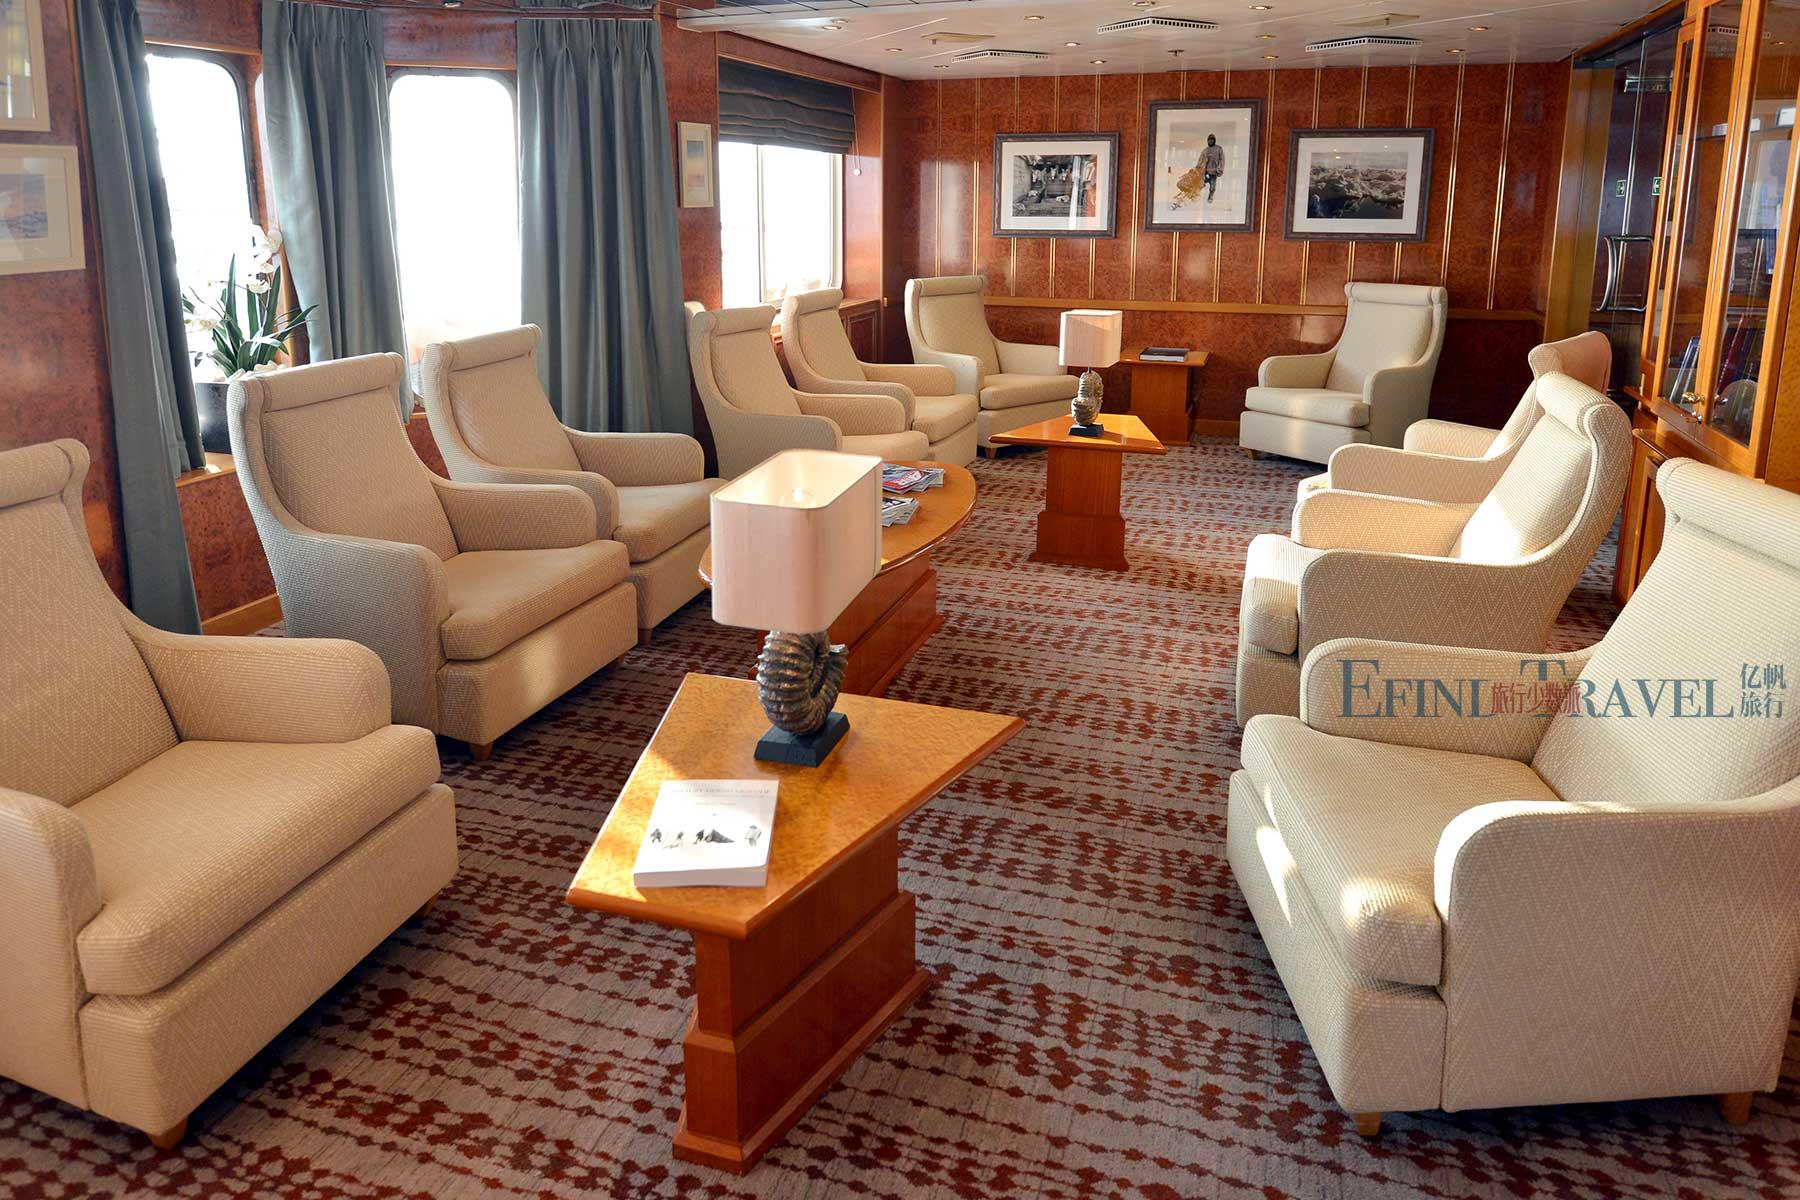 赫布里底天空号南极探险豪华游轮